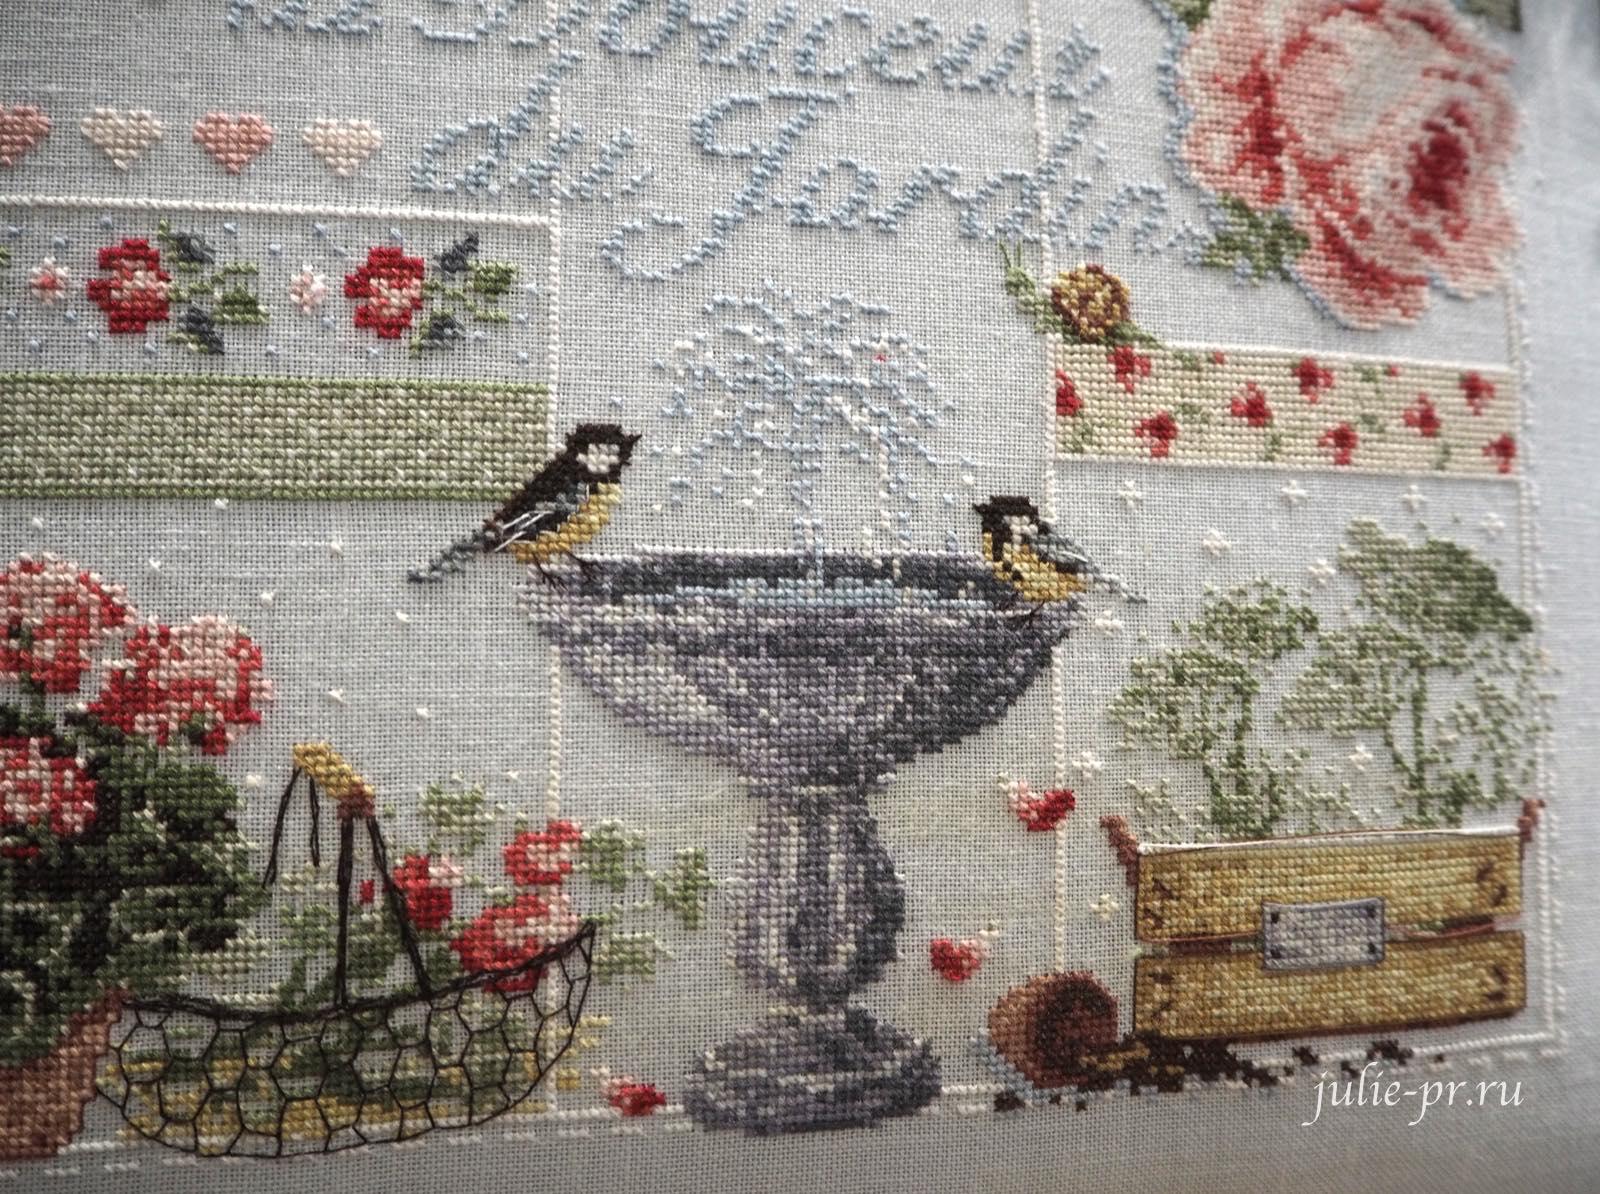 Fili senza tempo, Madame la fee, La Douceur du Jardin, Нежность сада, вышивка крестом